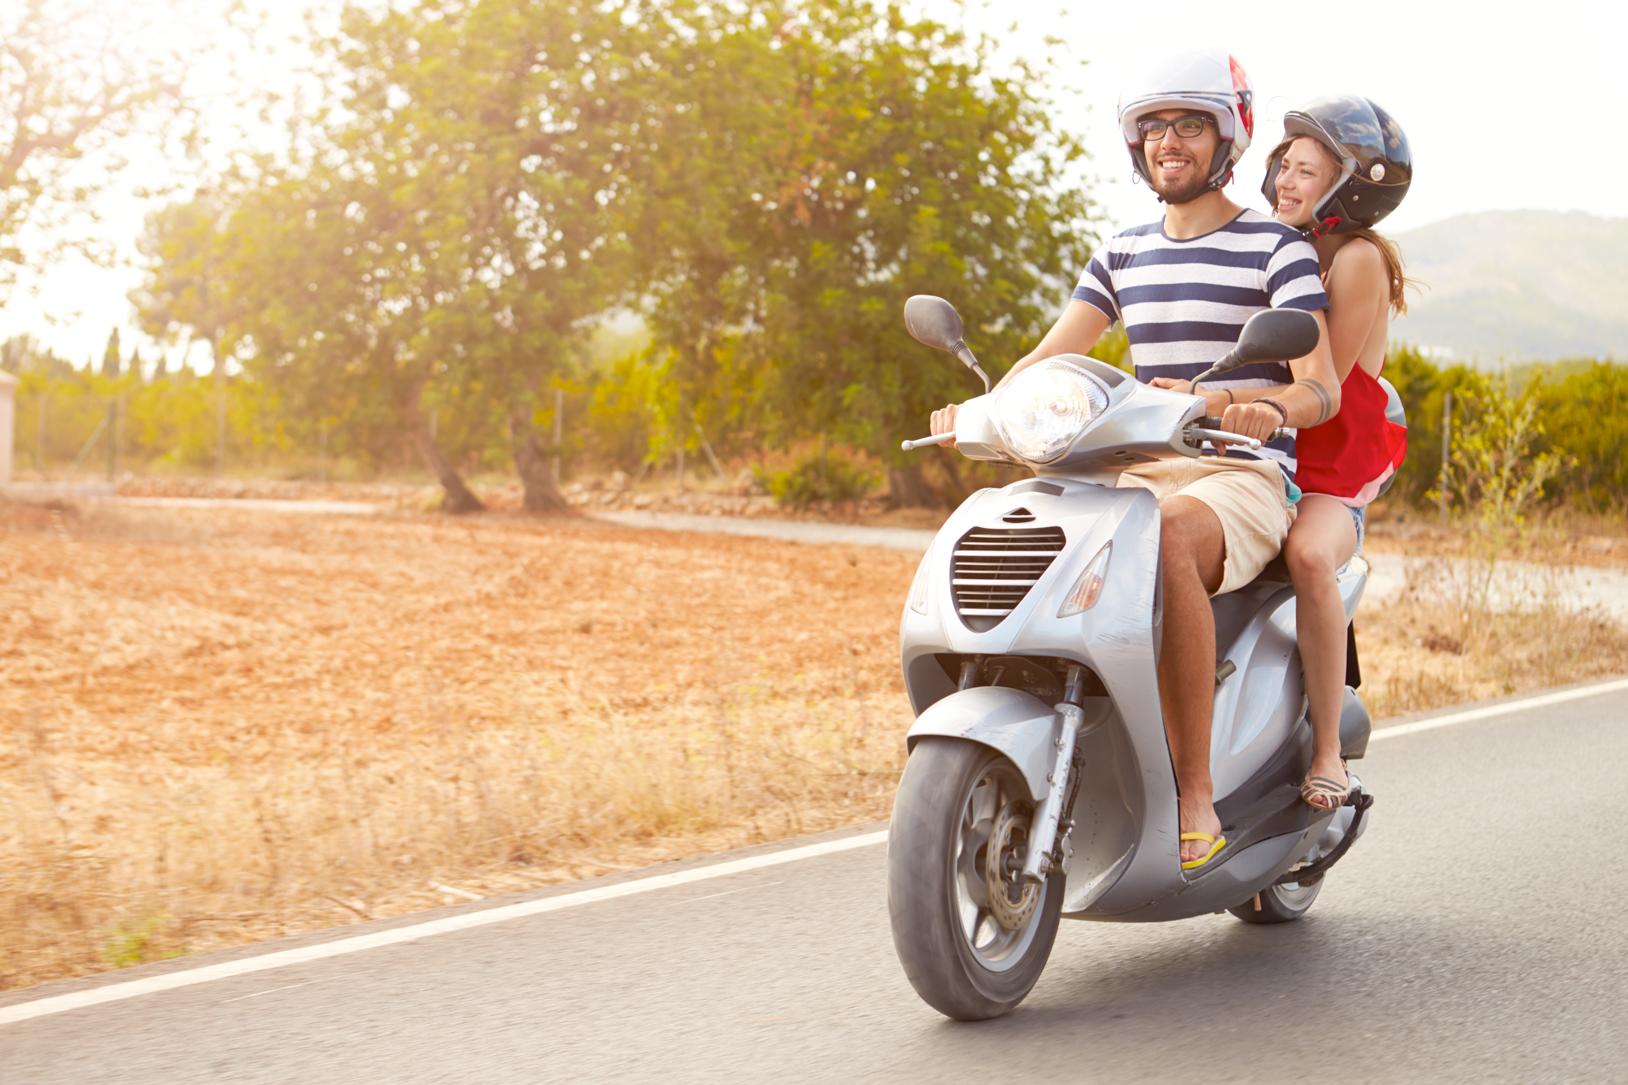 Junges Pärchen fährt mit Moped